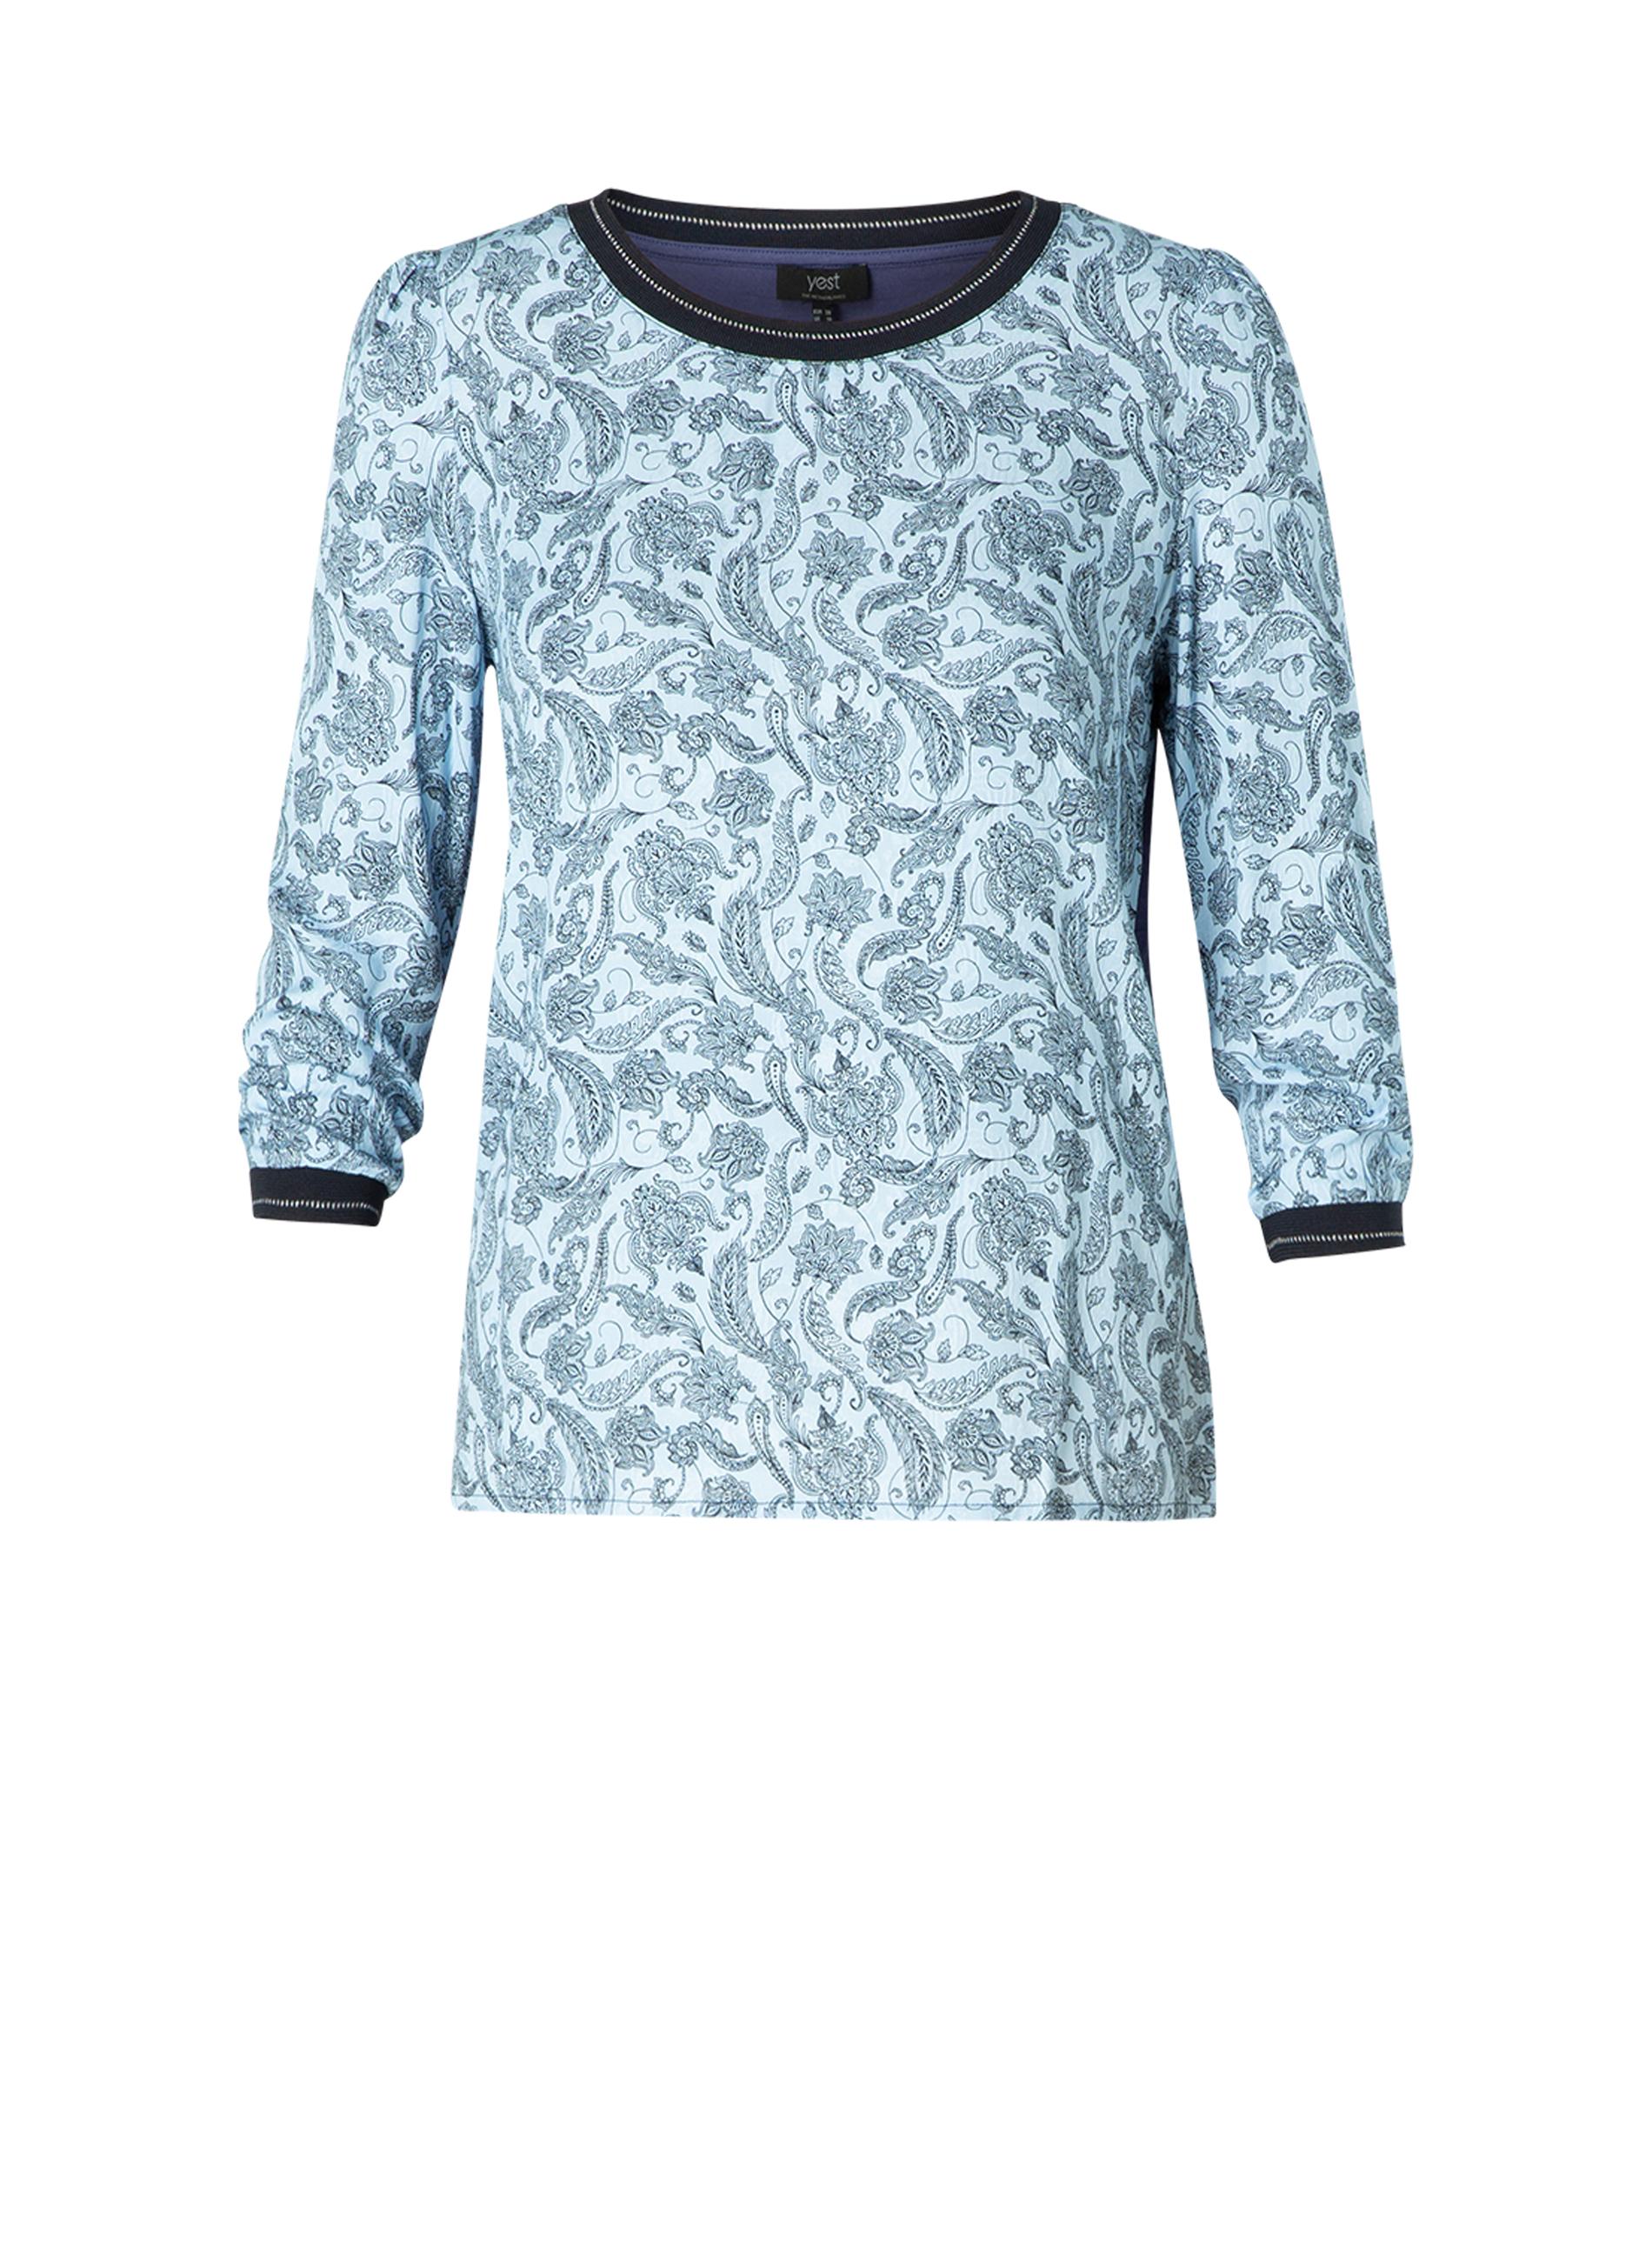 Shirt Hedy Yesta 74 cm